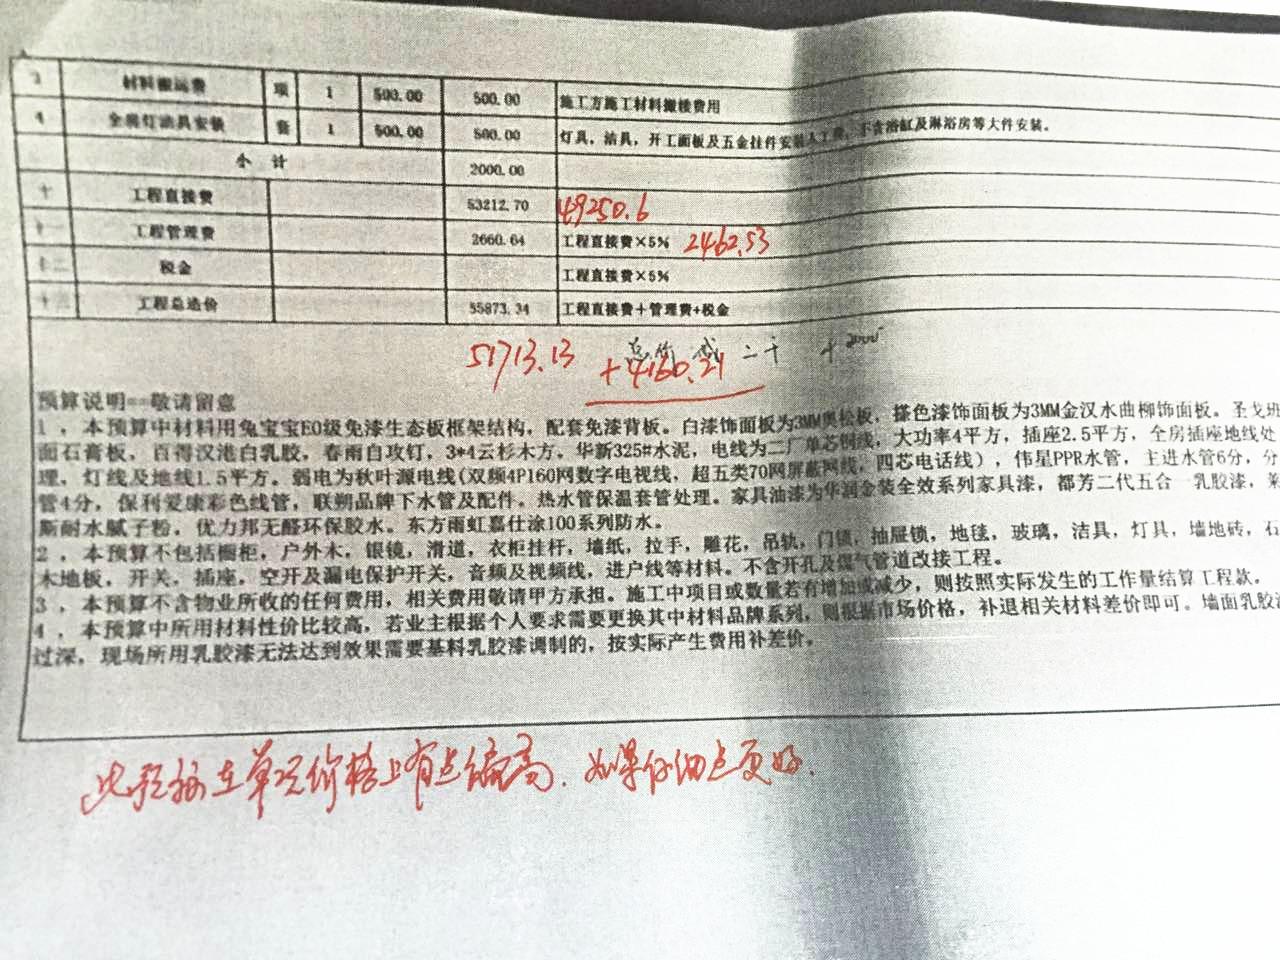 汉口城市广场四期尚城报价审核结果4